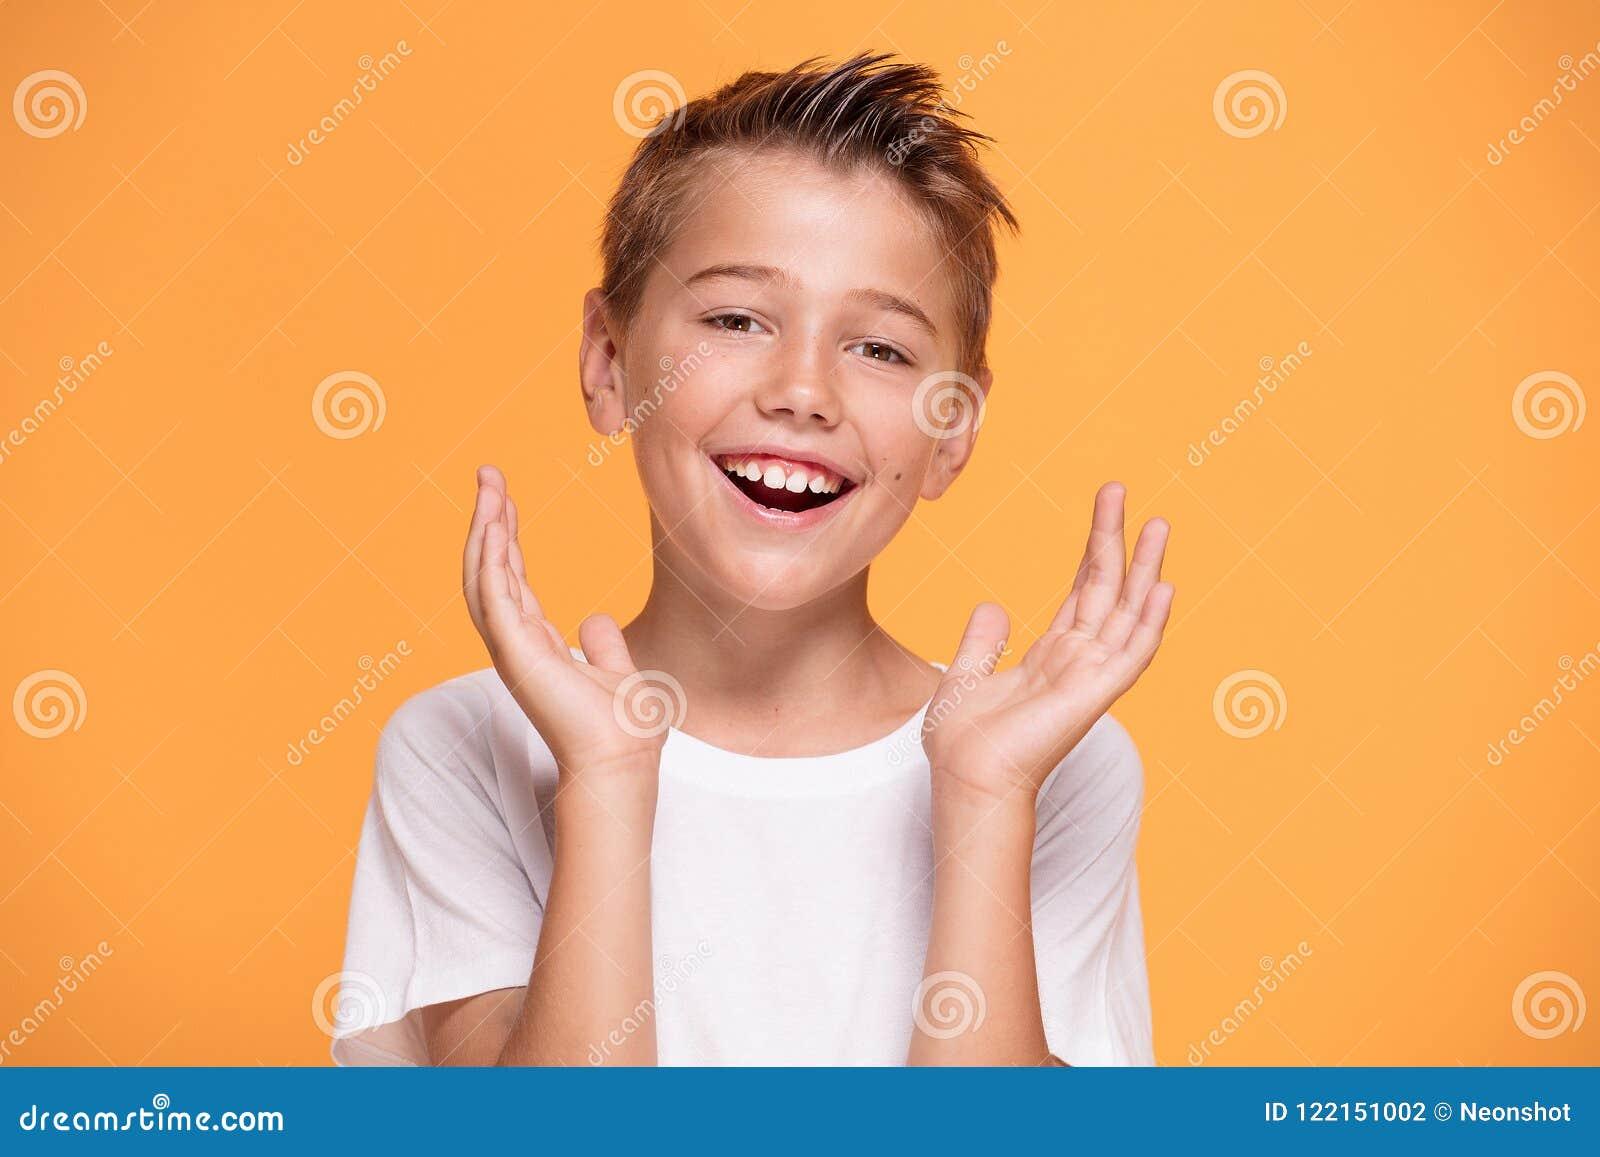 Νέο συναισθηματικό μικρό παιδί στο πορτοκαλί υπόβαθρο στούντιο